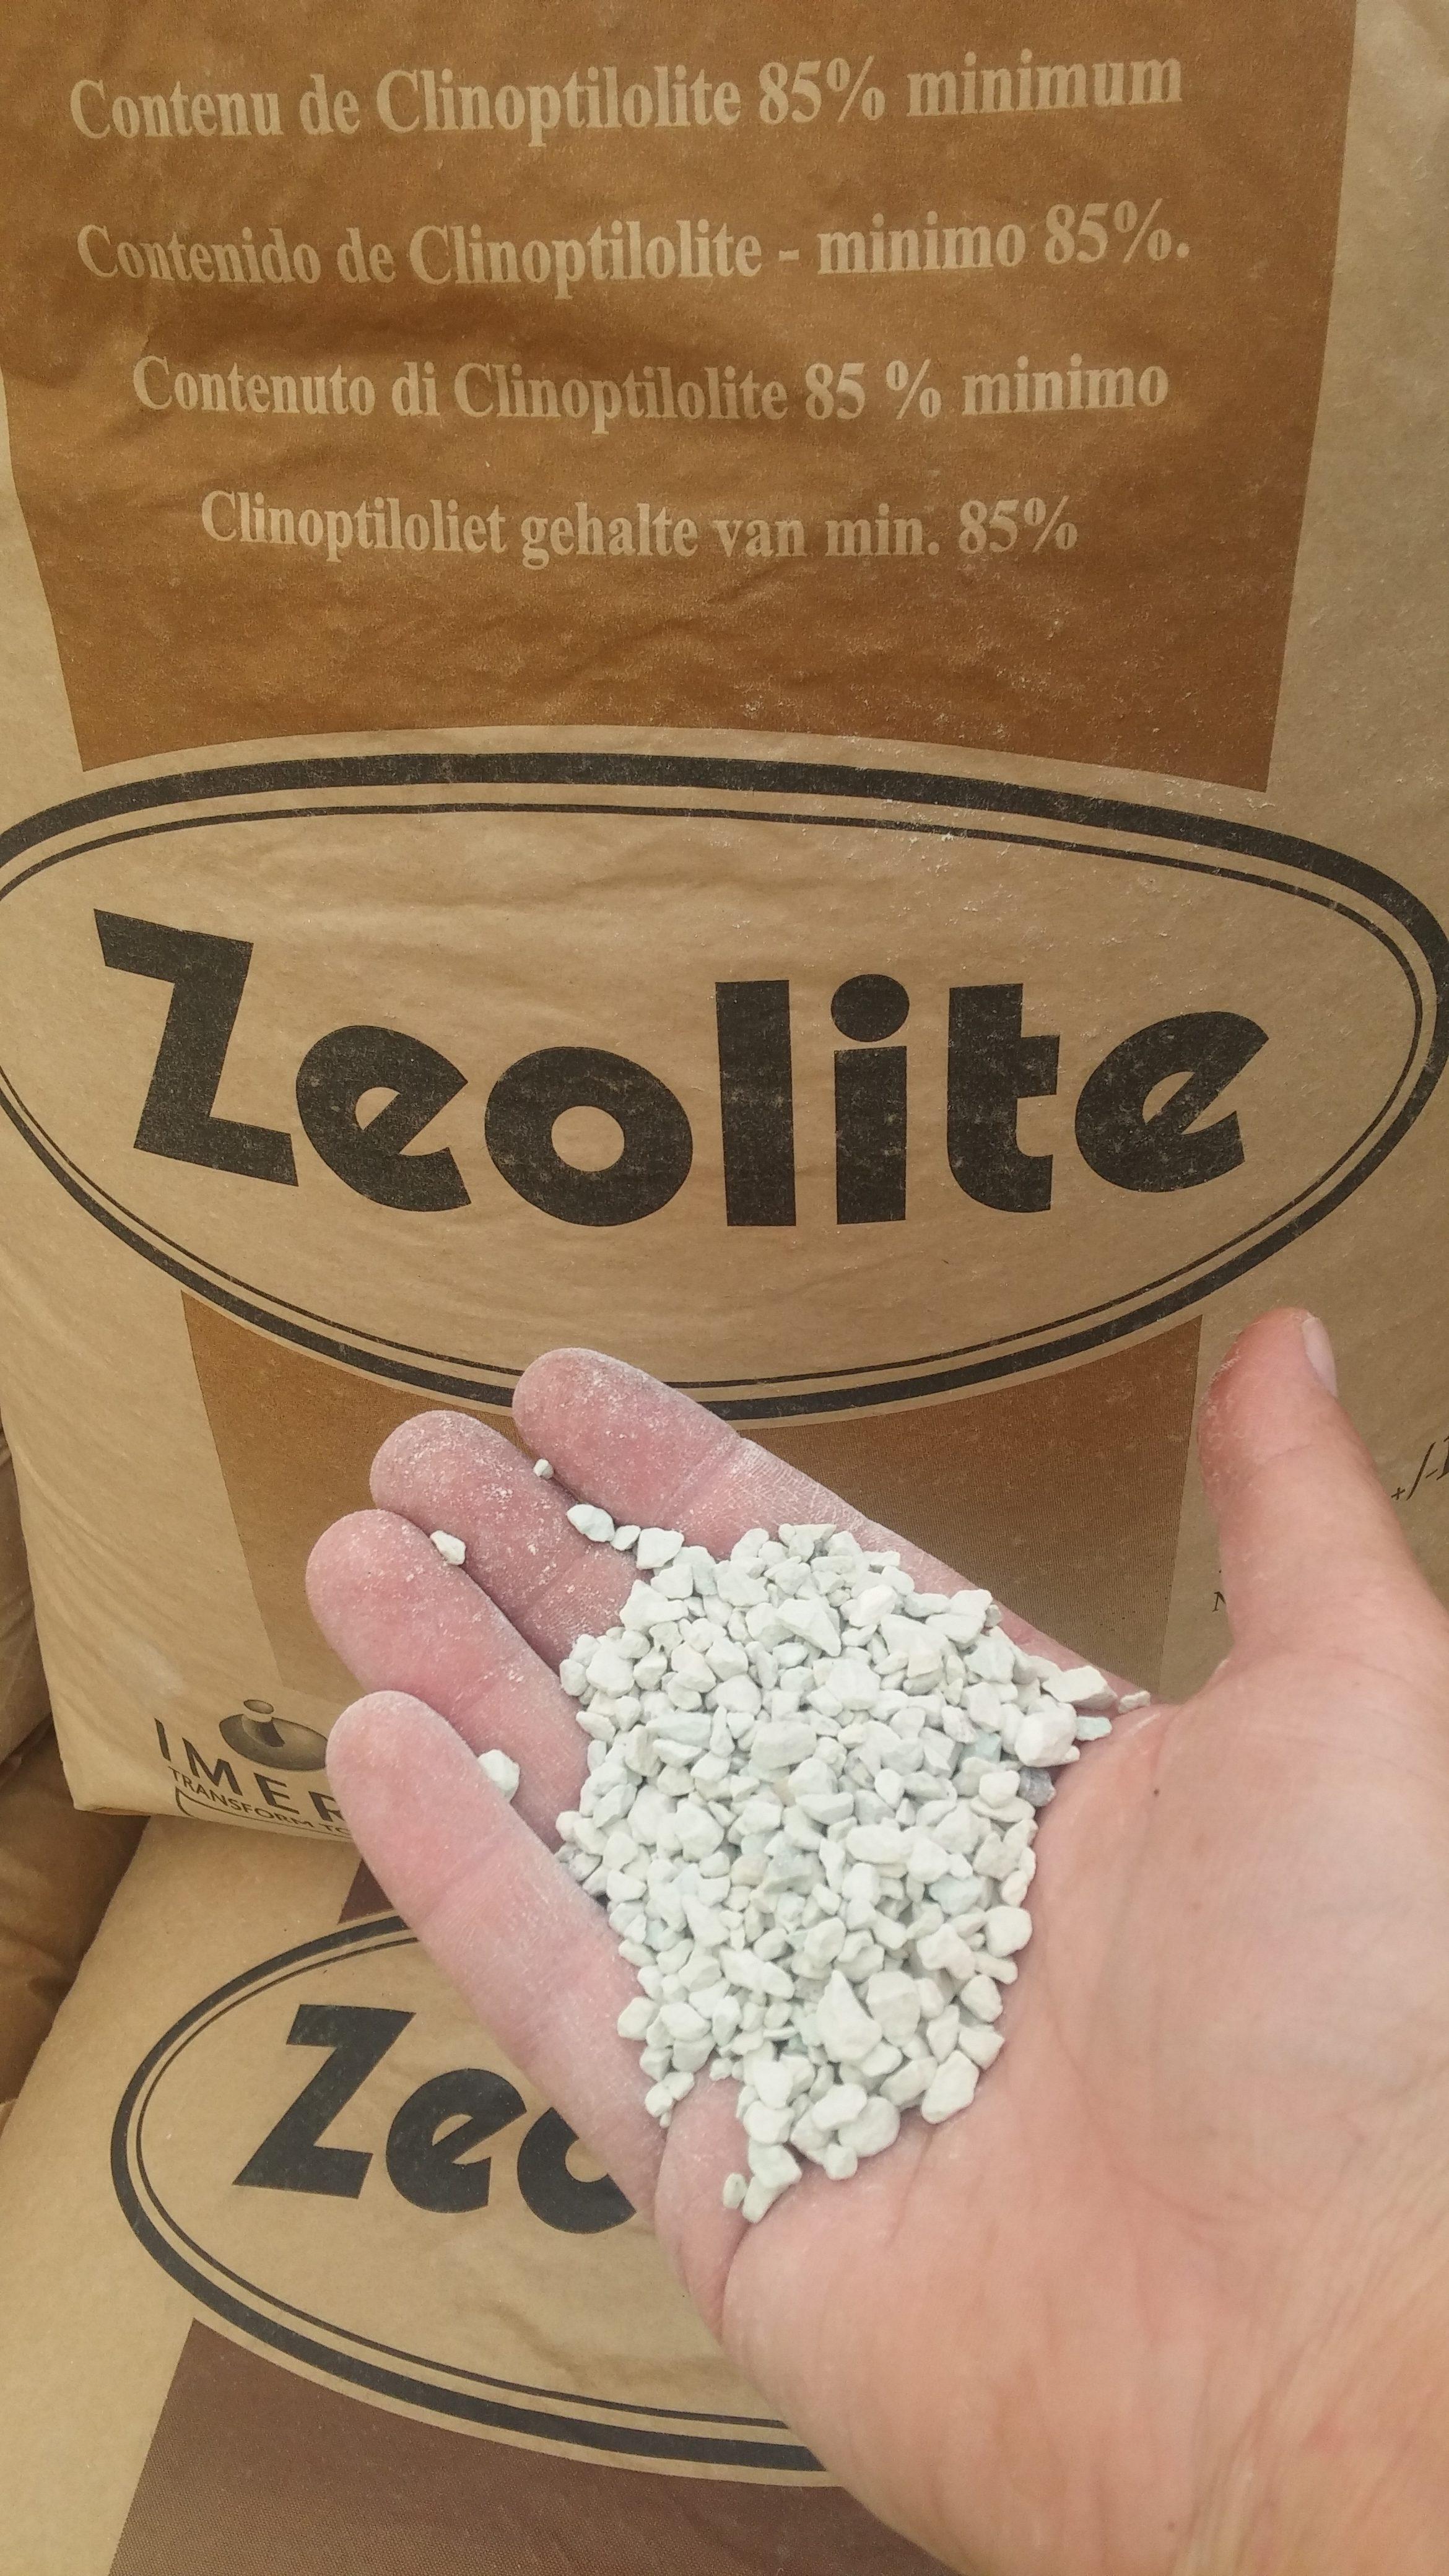 Ο ζεόλιθος ως 100% φυσικό προϊόν μπορεί να χρησιμοποιηθεί και στη βιολογική γεωργία. Οι ευεργετικές του επιδράσεις είναι μόνιμες, αφού δεν αποδομείτα